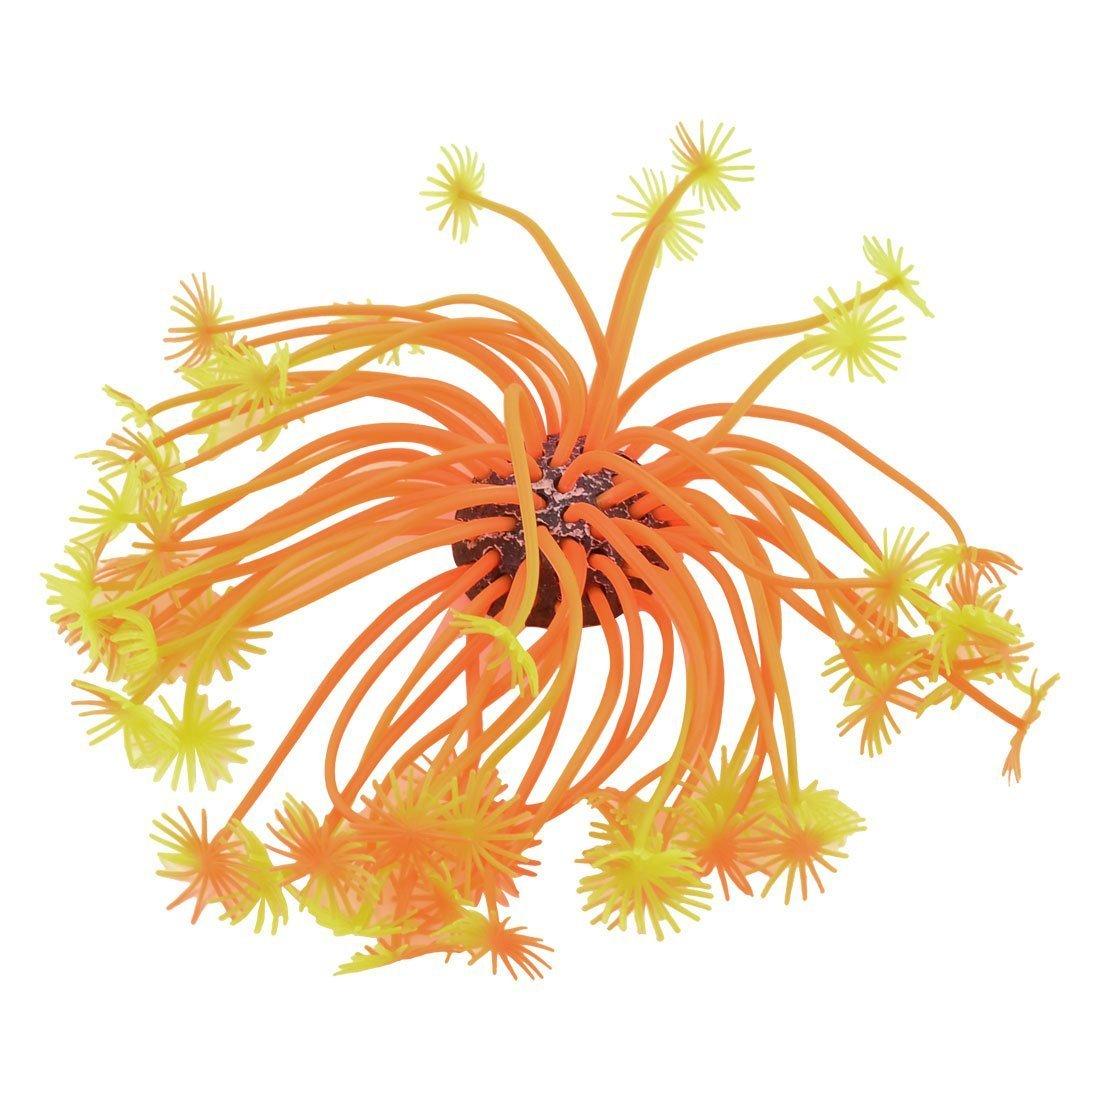 1Pc Aquarium Ceramic Base orange Yellow Silicone Aquatic Coral Plant Decor 3.1  Height